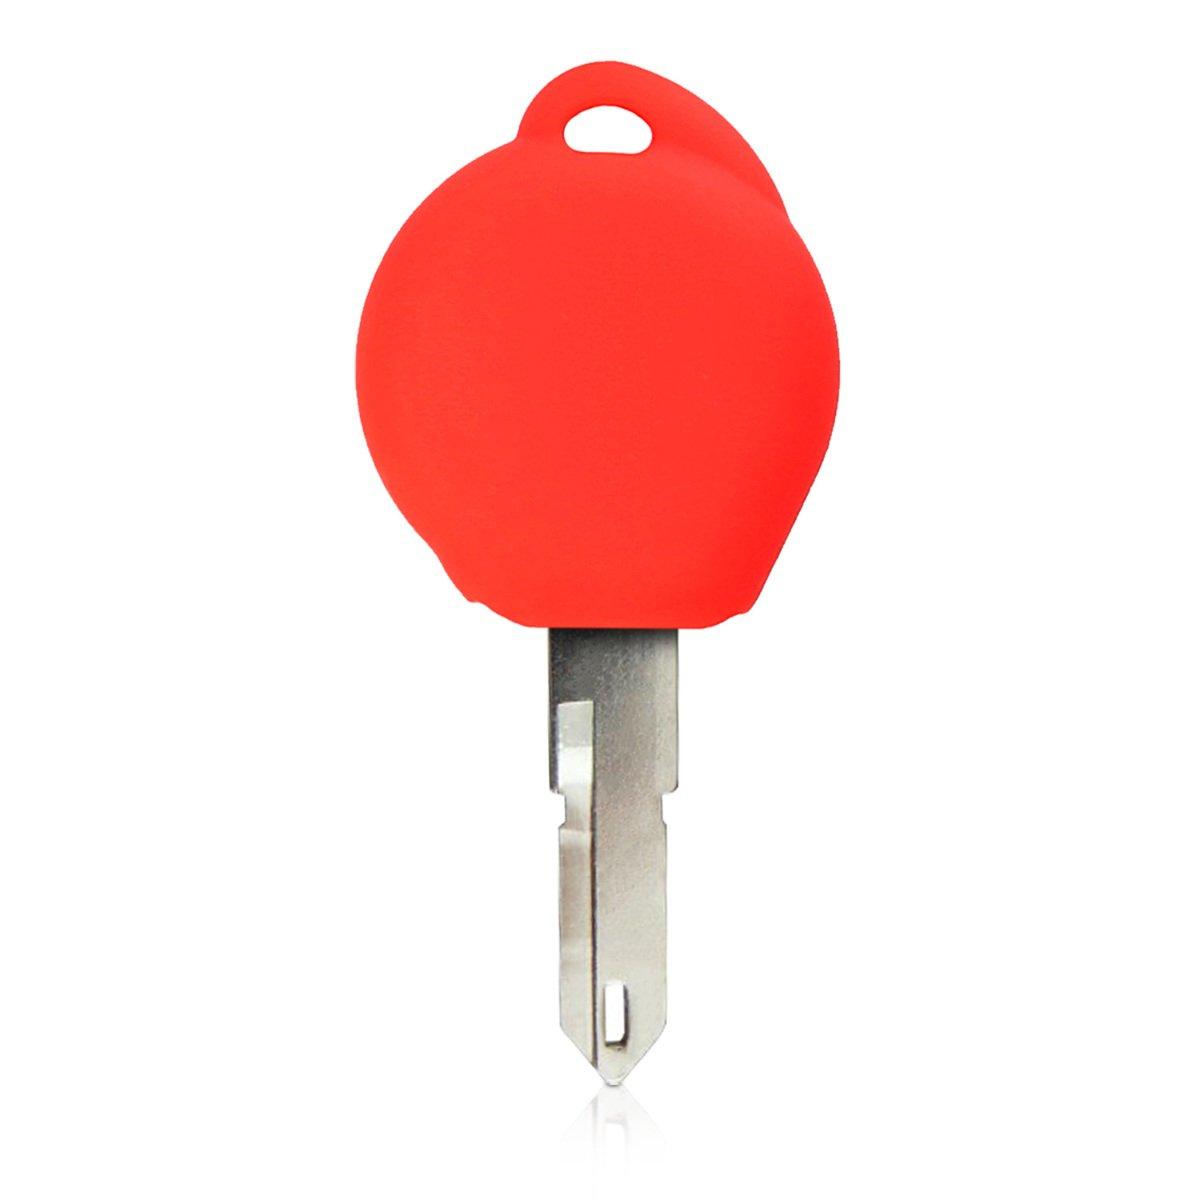 de Suave Silicona Carcasa Protectora kwmobile Funda de Silicona para Llave de 1 bot/ón para Coche Peugeot Rojo - Case Mando de Auto